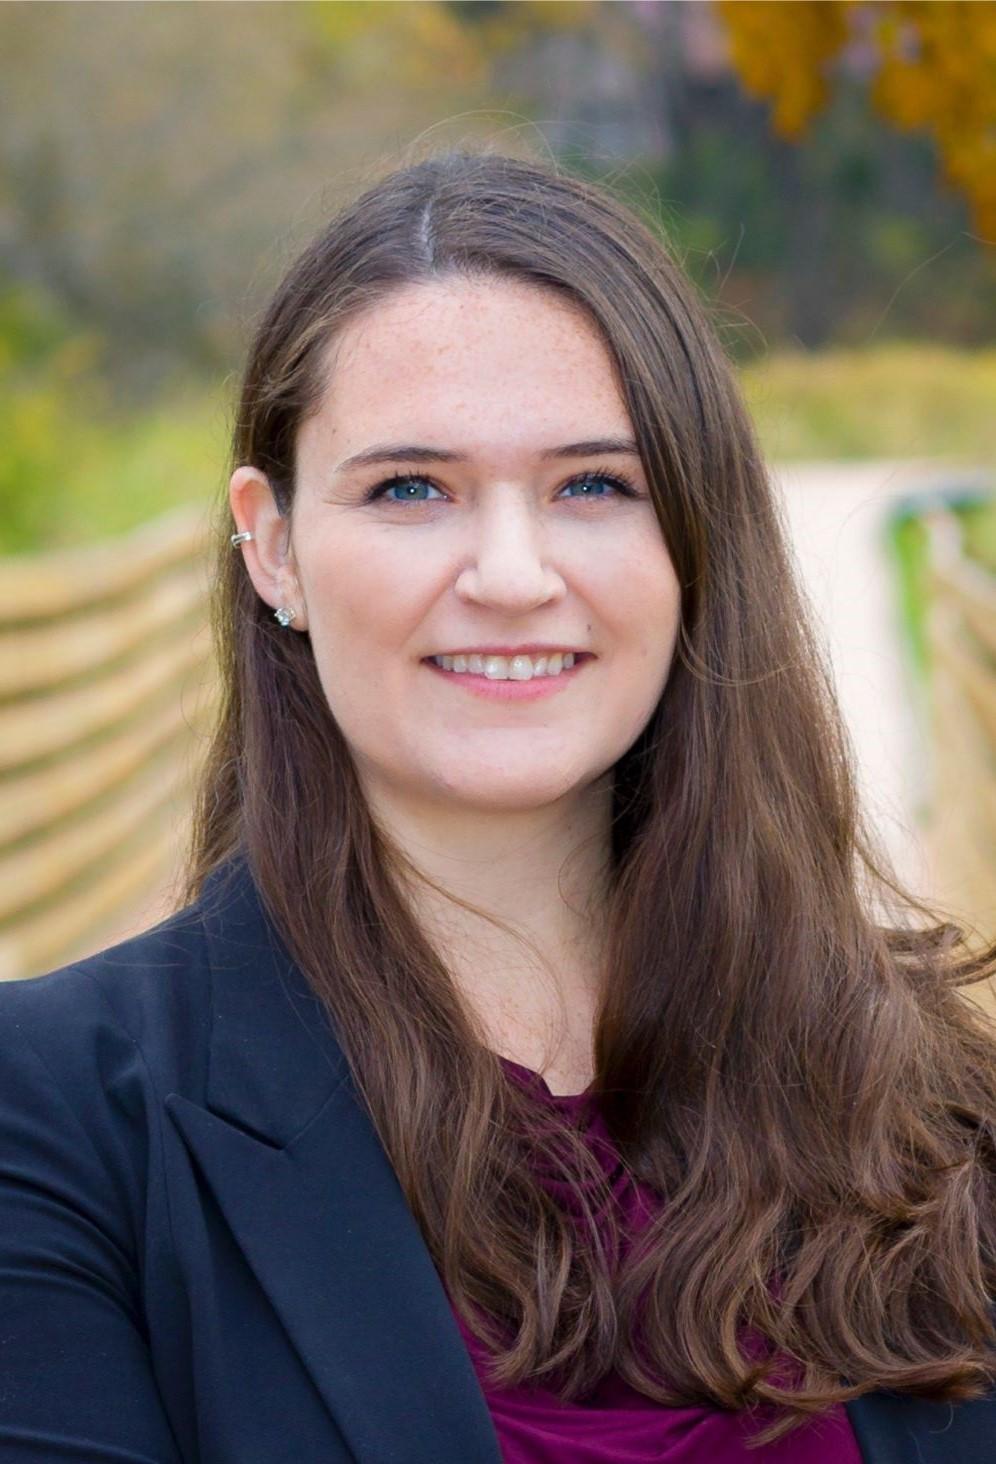 Emily Rindahl professional headshot